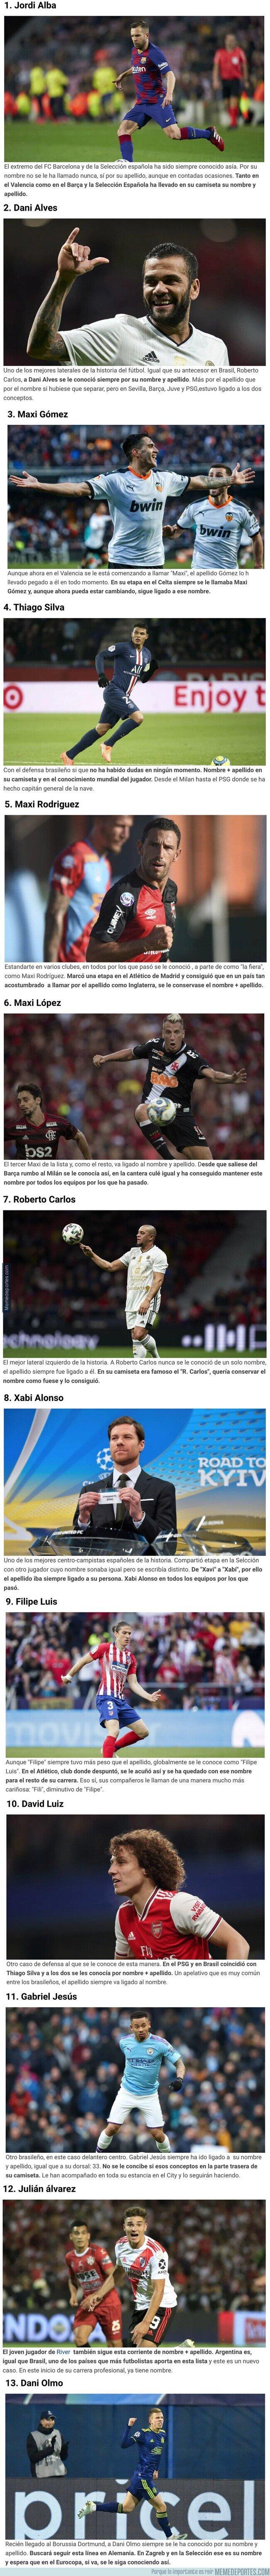 1097431 - Futbolistas que son conocidos solo por la combinación de su nombre y apellido